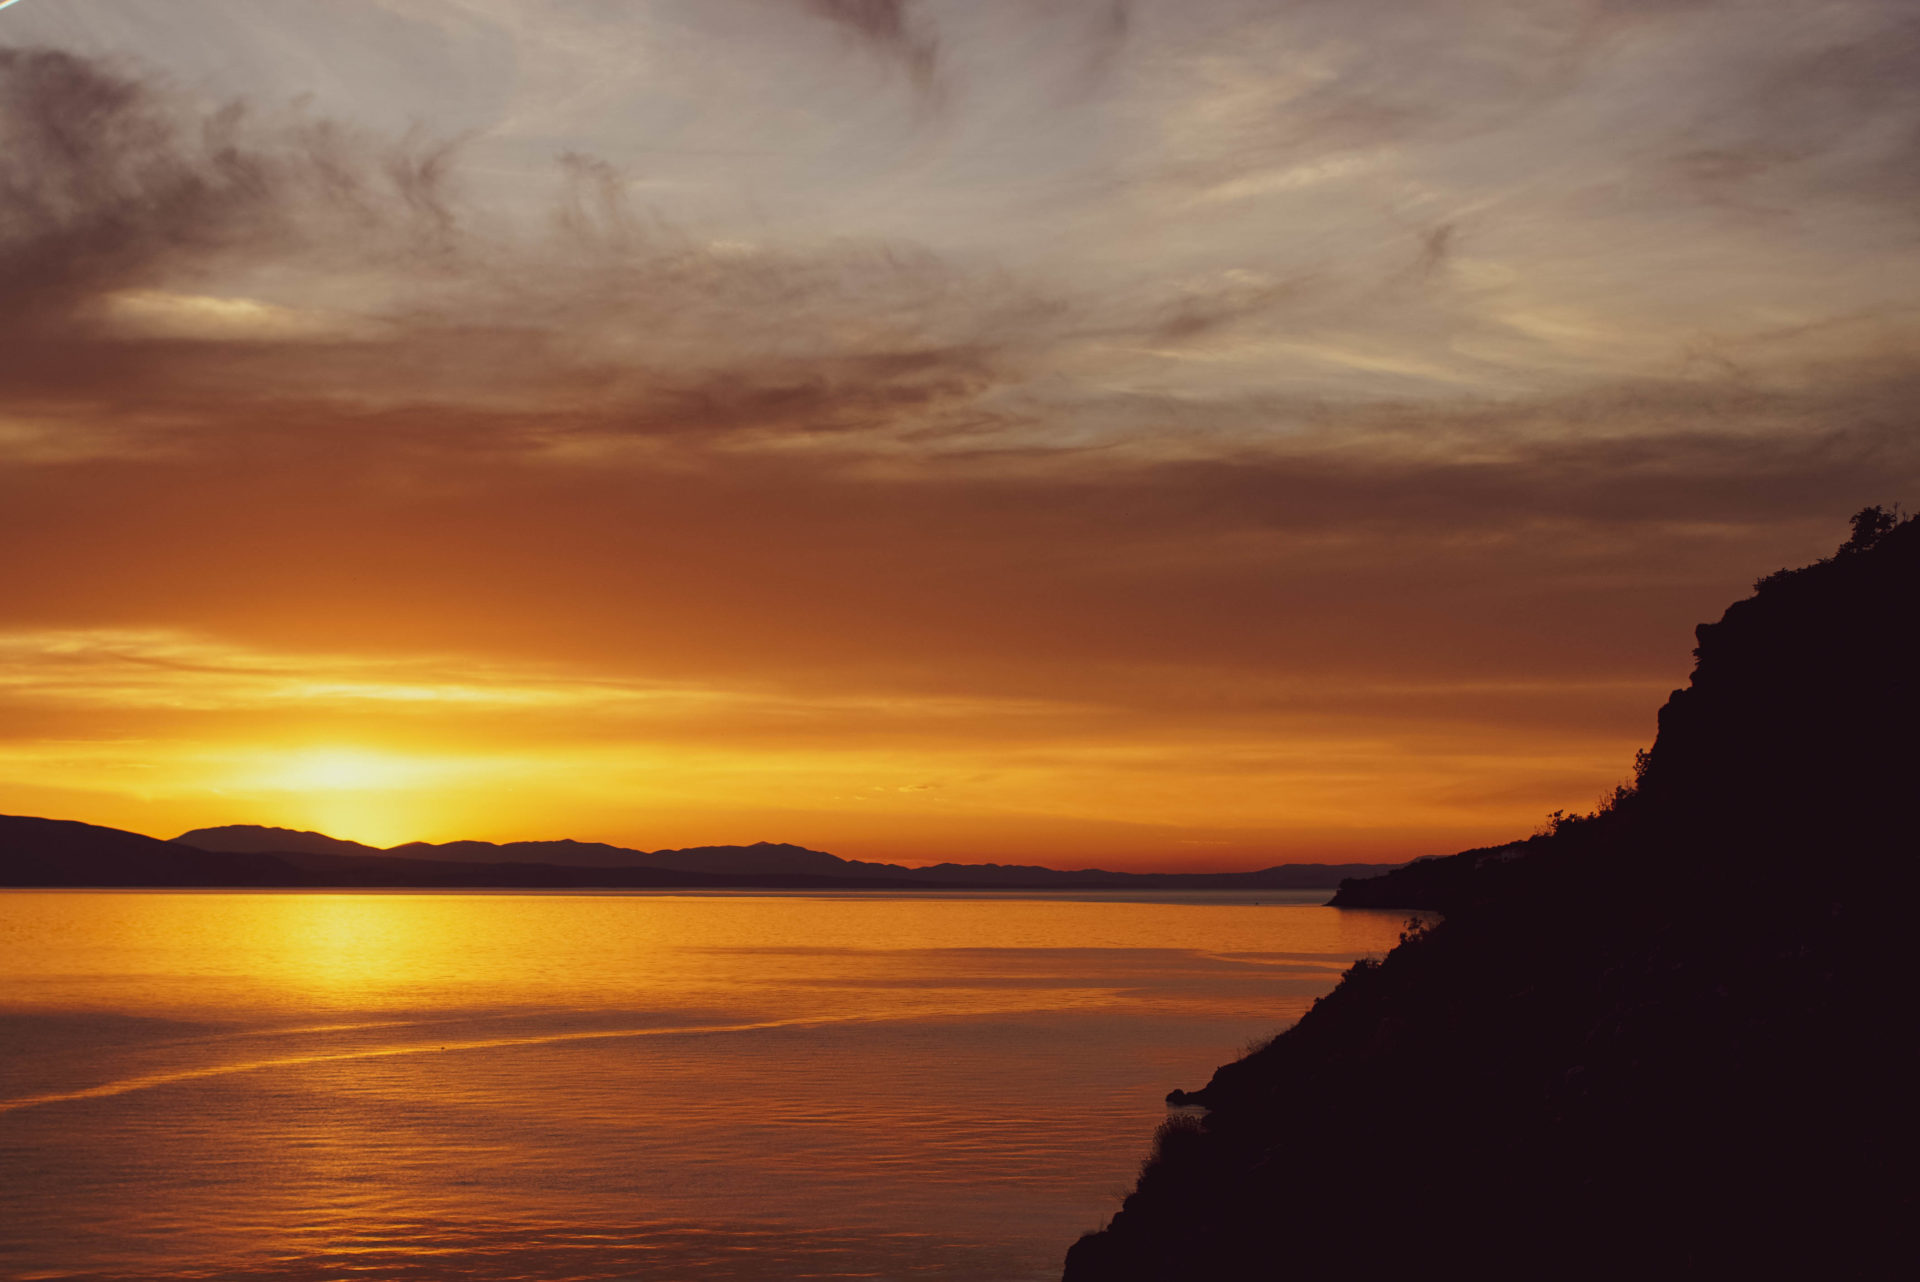 Traumhafter Sonnenuntergang vor der Küste der Insel Krk.